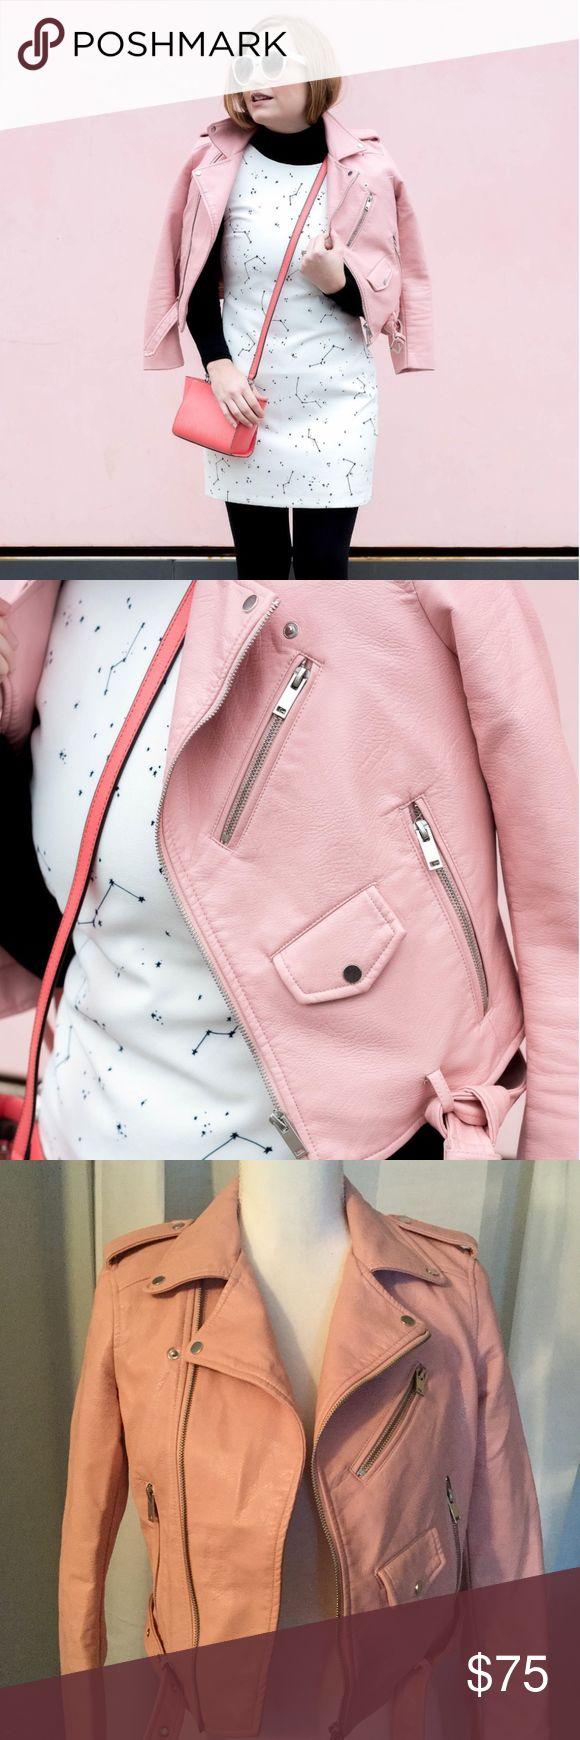 Zara Outerwear Faux Vegan Leather Pink Moto Jacket Pink